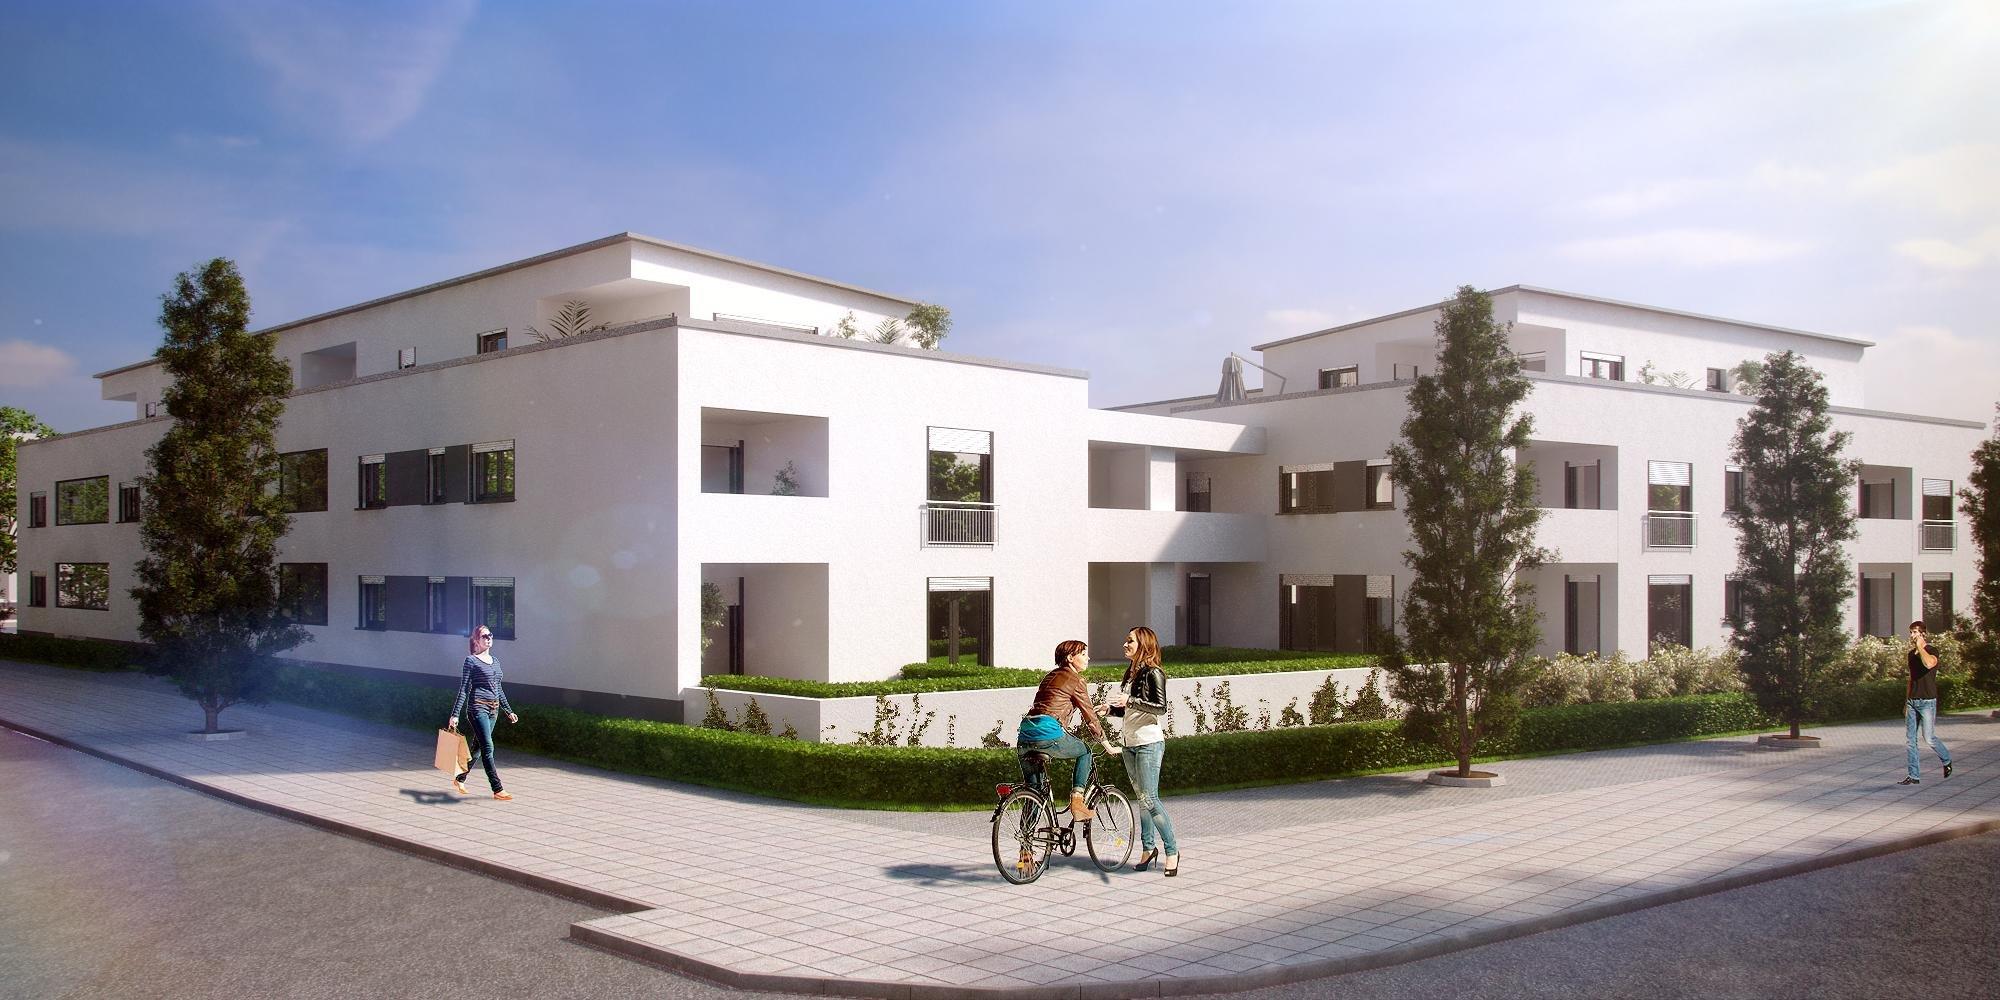 Planung eines modernen Gebäudekomplex